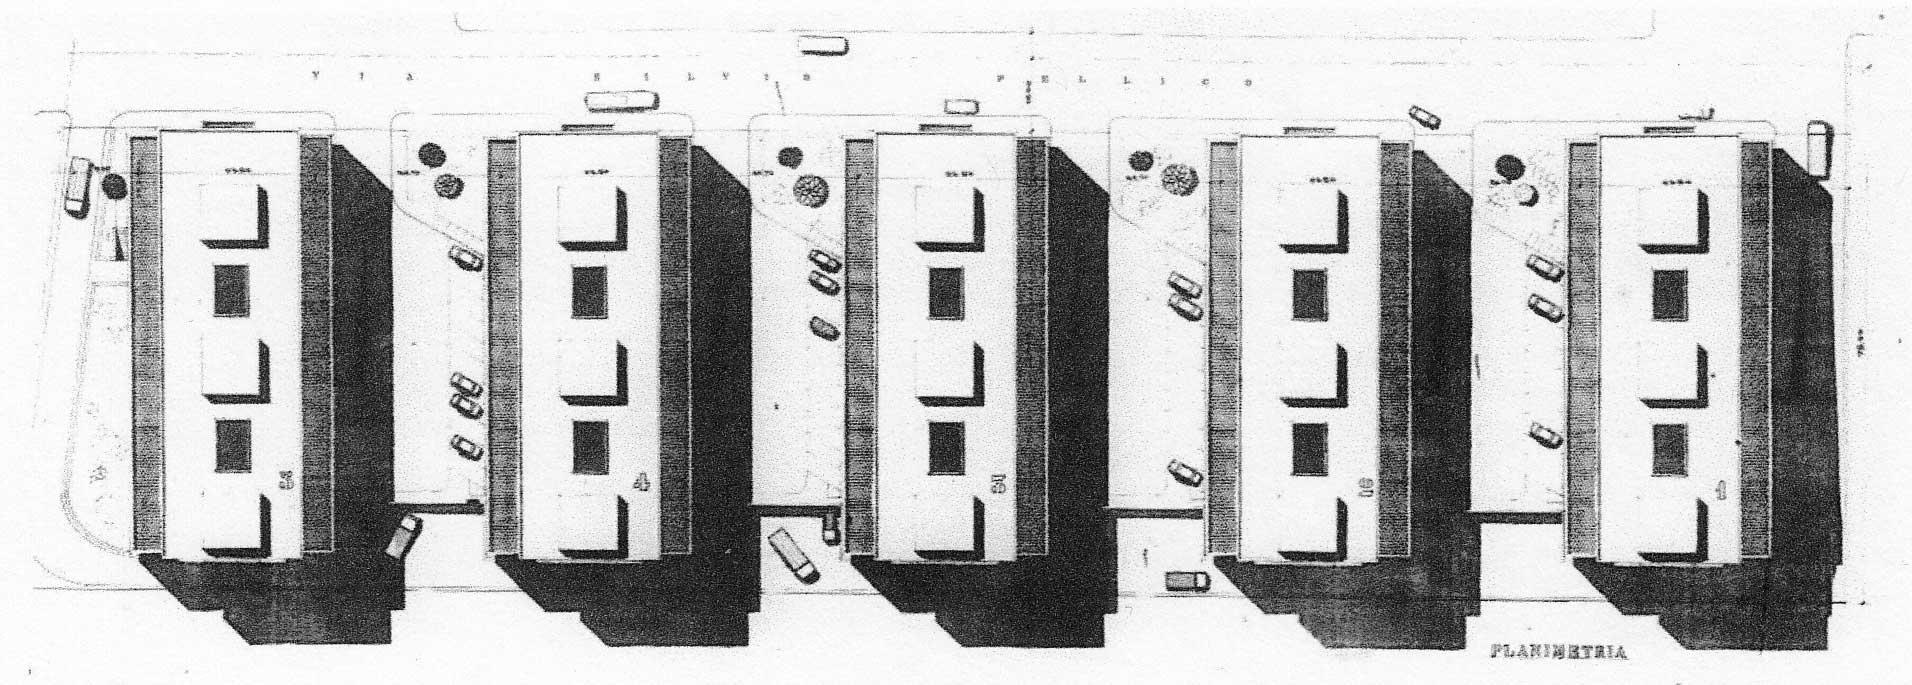 7 - Complesso residenziale di 312 alloggi a Pomezia (RM), per Imp. Lenzini - Planovolumetrico